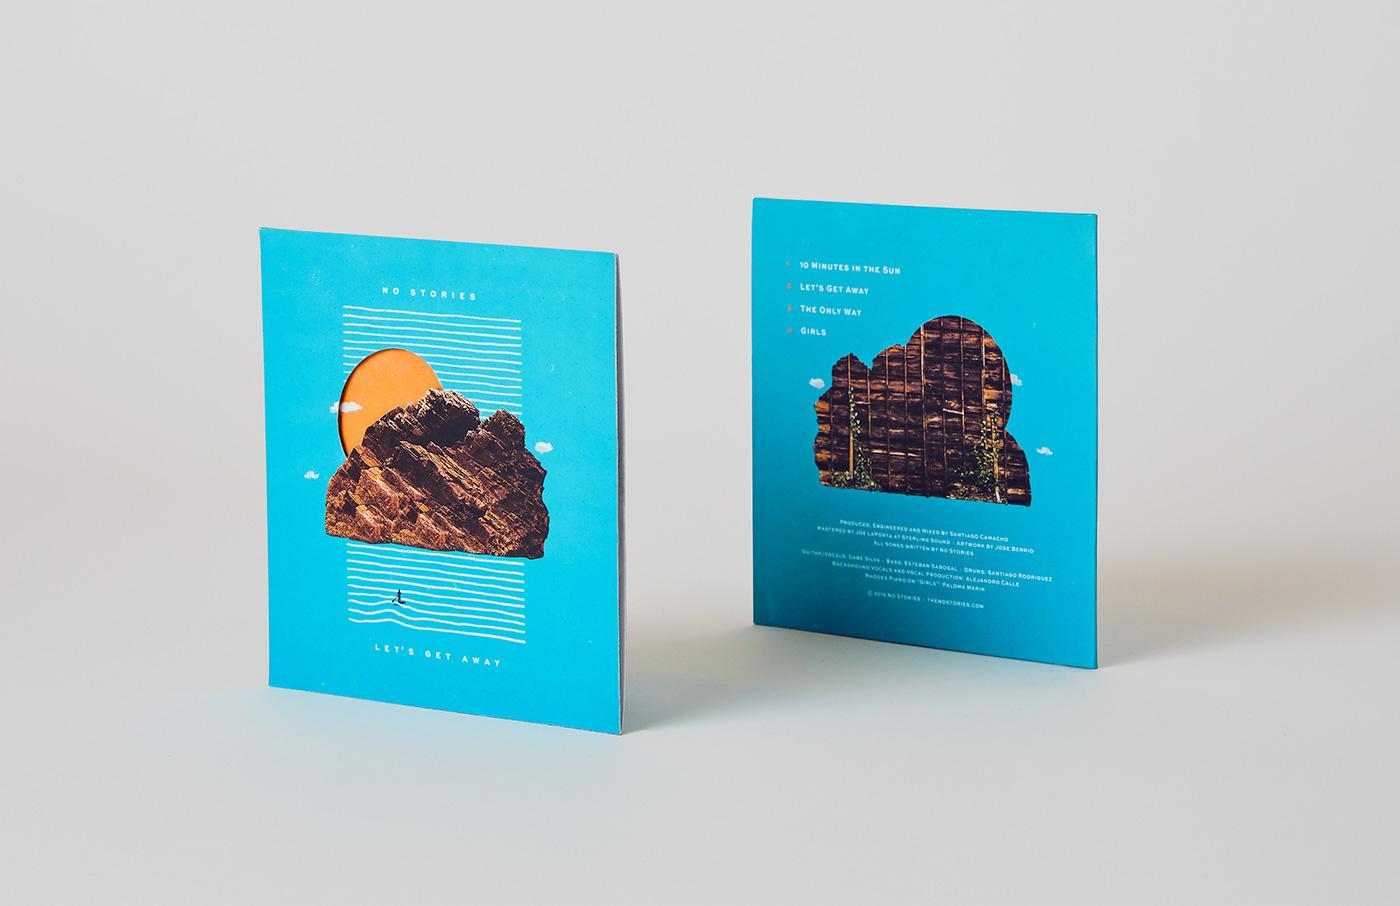 有創意感的31款專輯封面設計欣賞